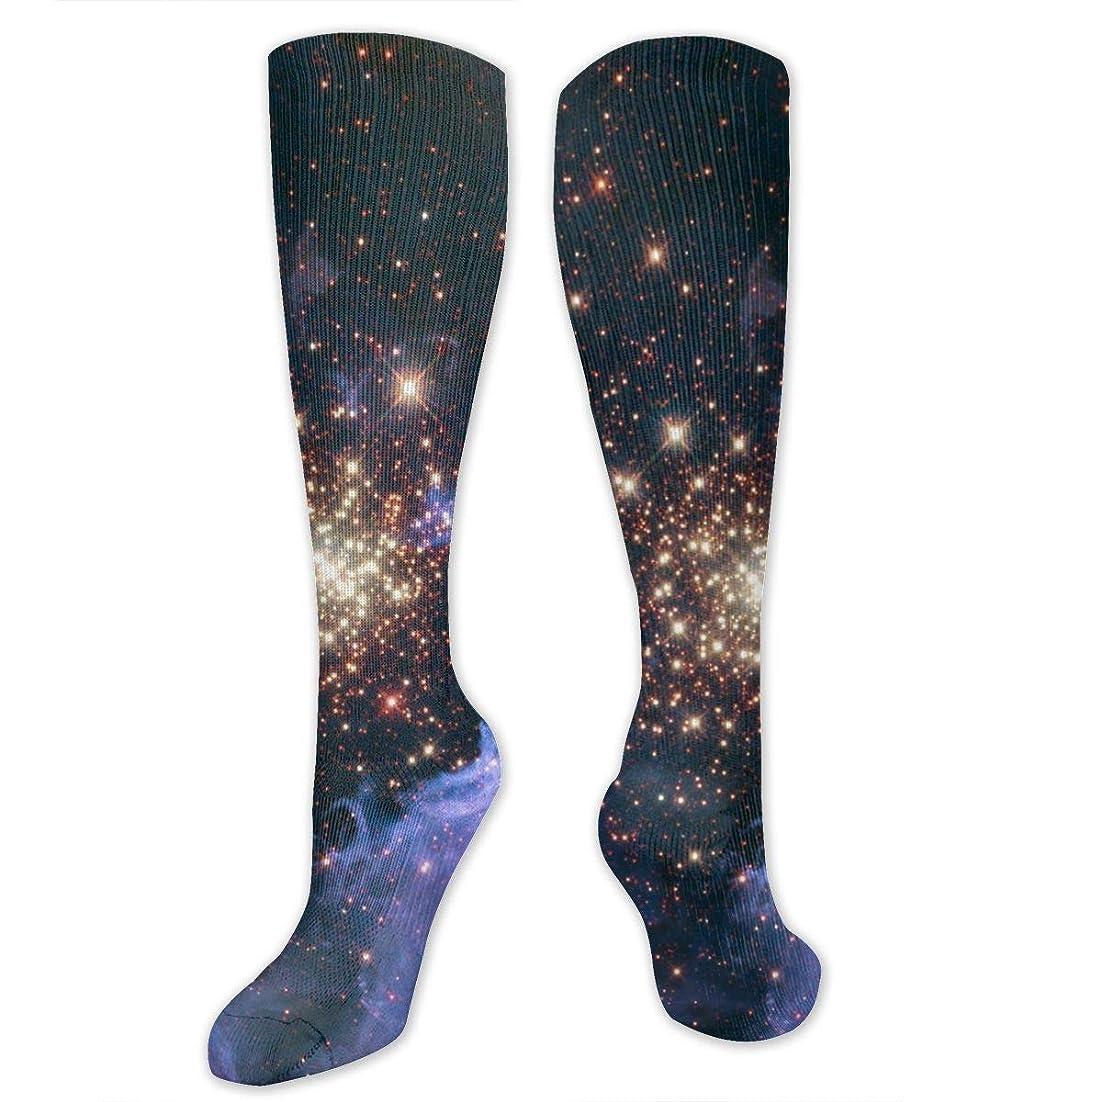 トリプル行商不条理靴下,ストッキング,野生のジョーカー,実際,秋の本質,冬必須,サマーウェア&RBXAA Celestial Fireworks Socks Women's Winter Cotton Long Tube Socks Knee High Graduated Compression Socks